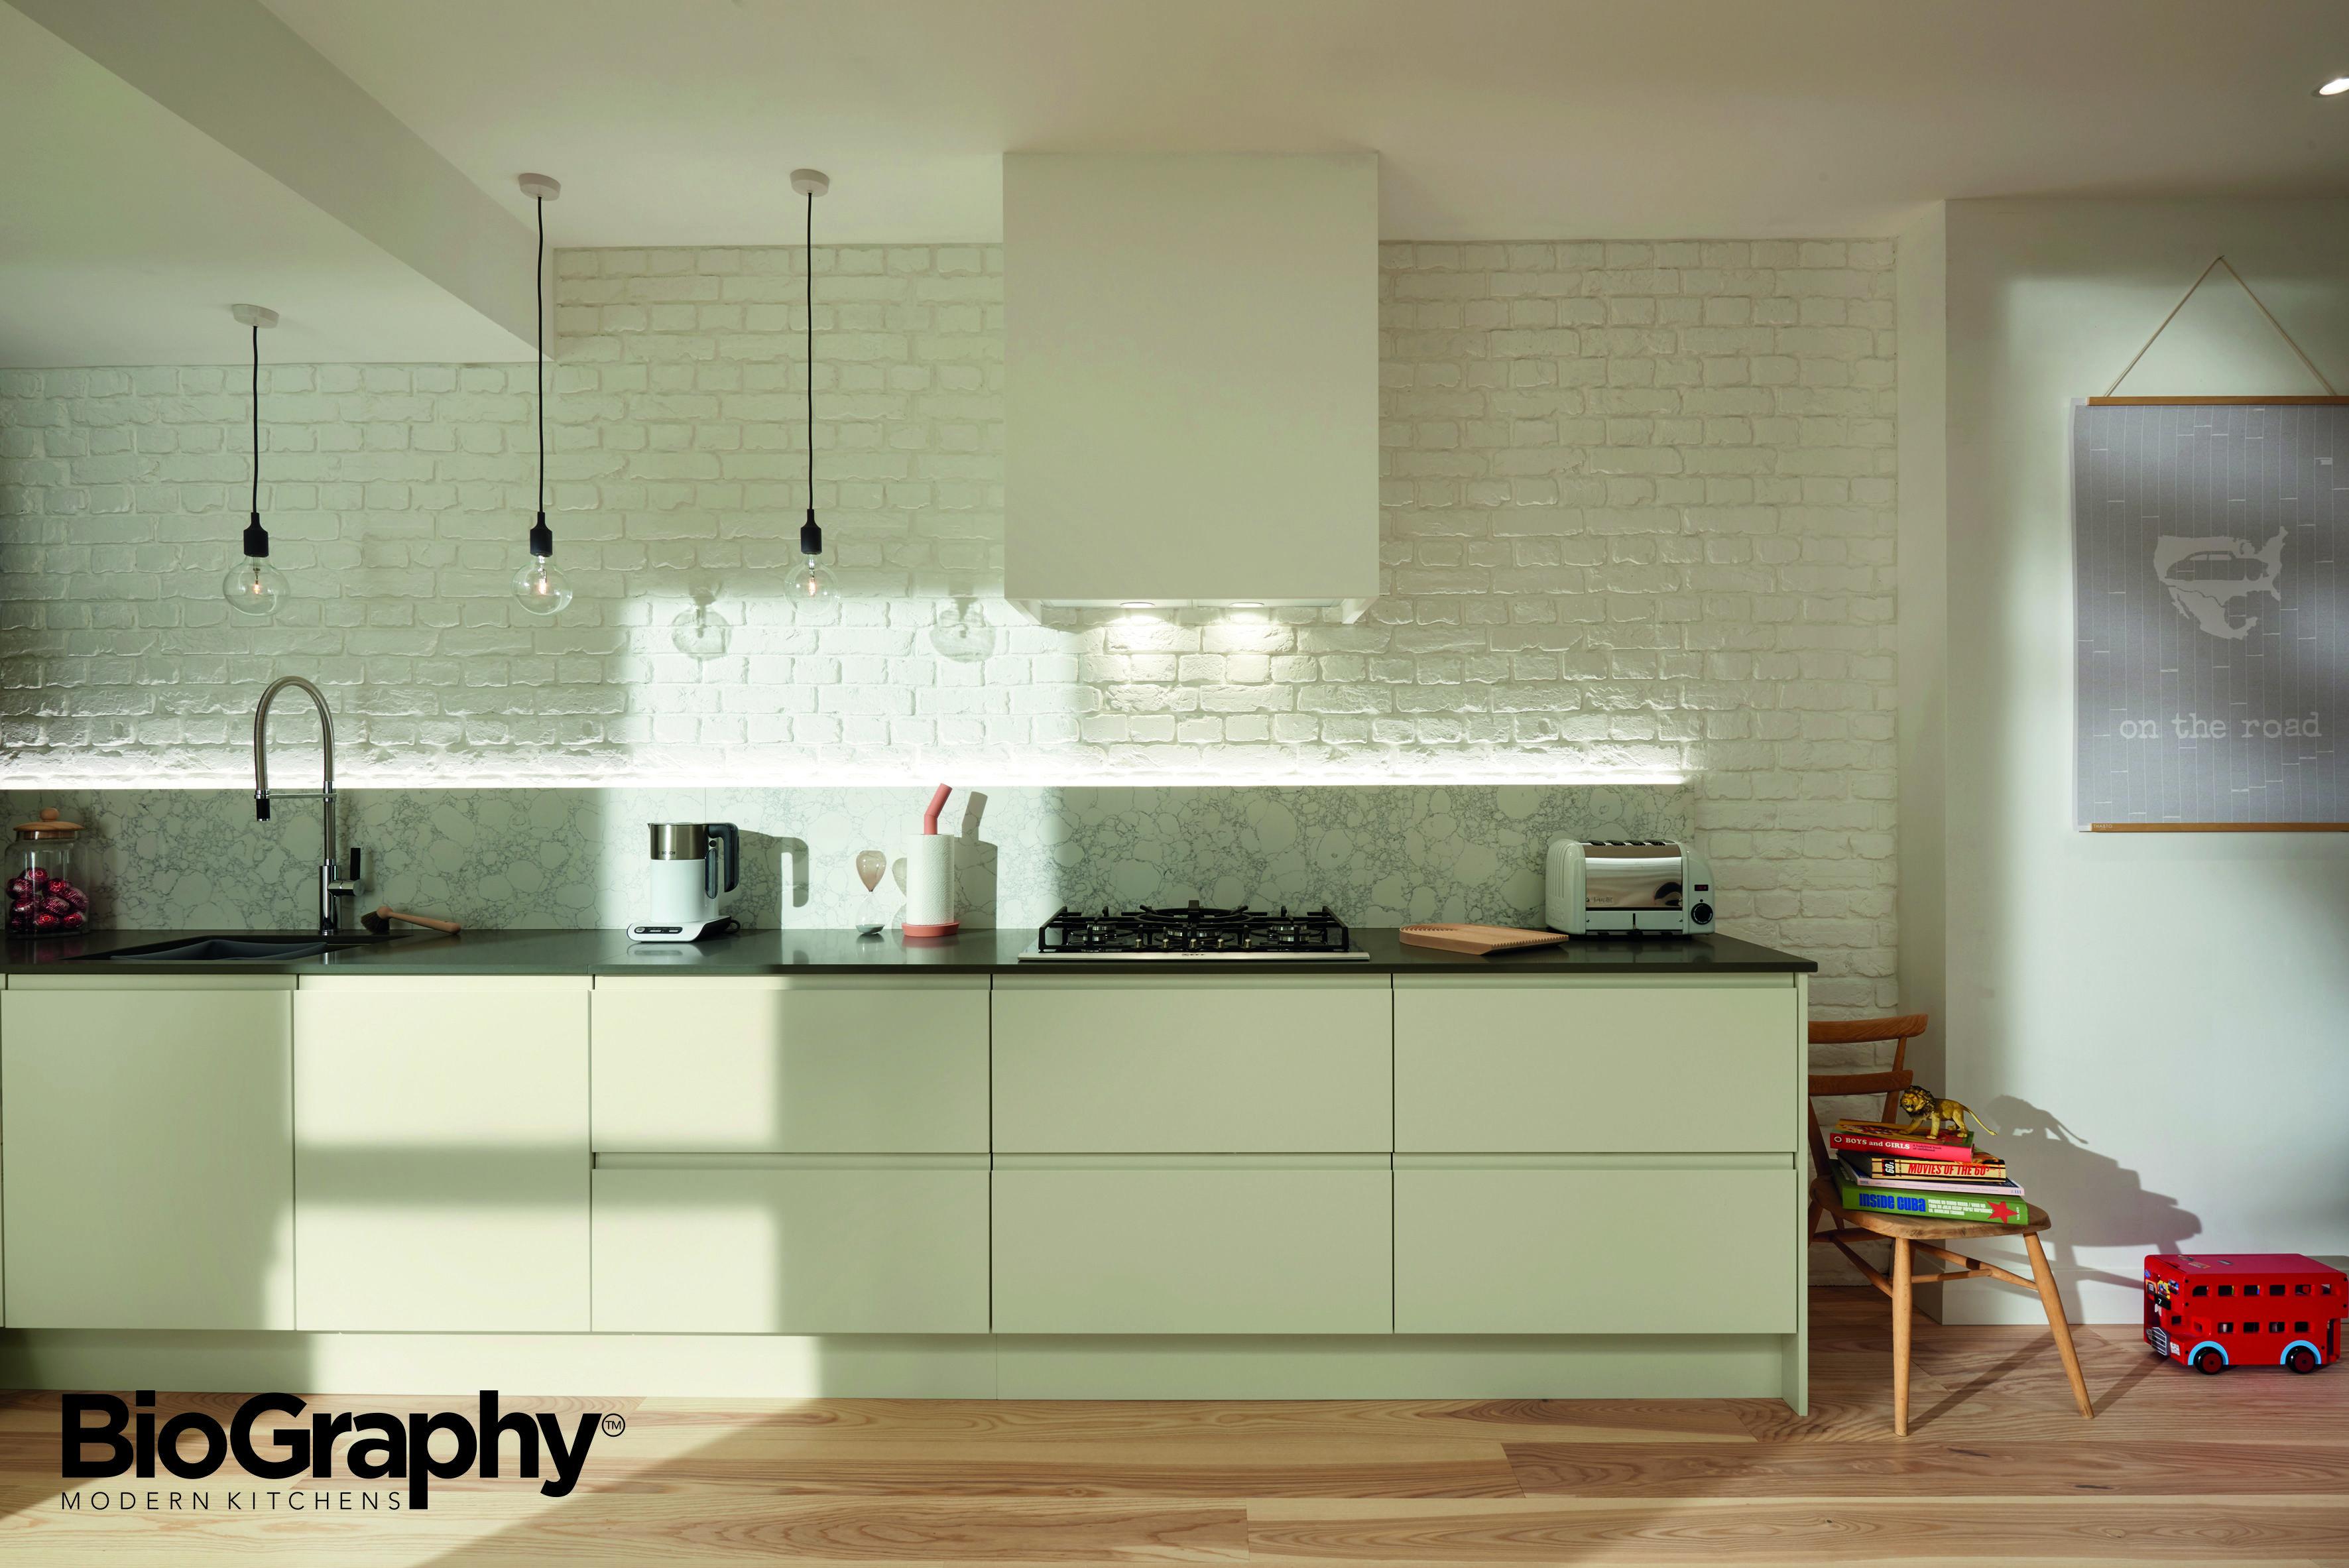 Modern German Kitchen Designs Biographyar Modern Kitchen Design Style 5 Space Efficient Relaxed